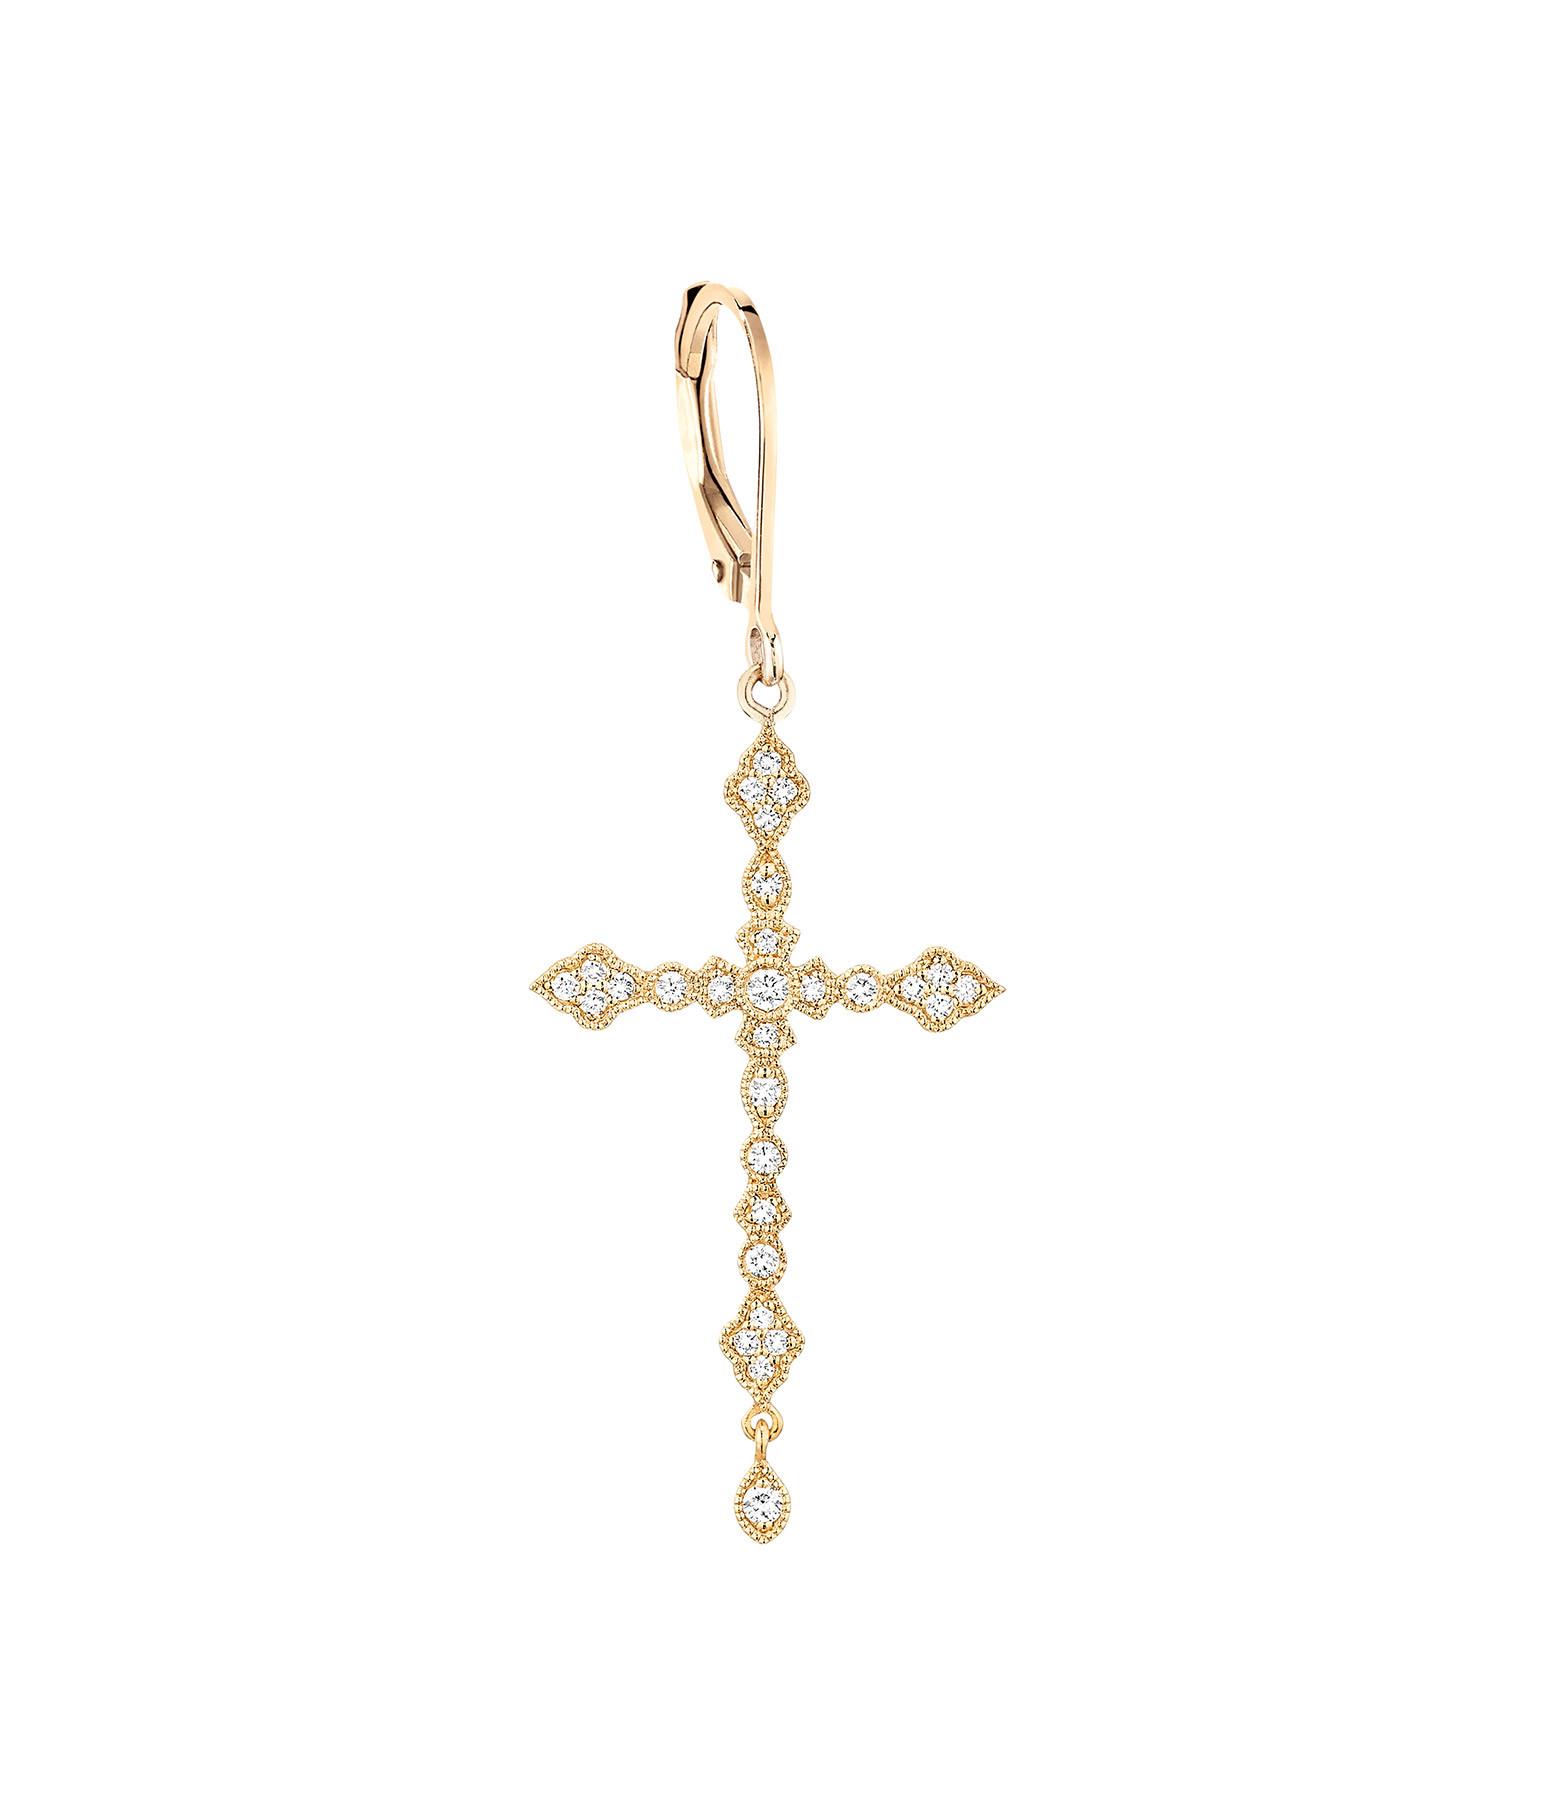 STONE PARIS - Boucle d'oreille Dormeuse Virgin Or Diamants (vendue à l'unité)